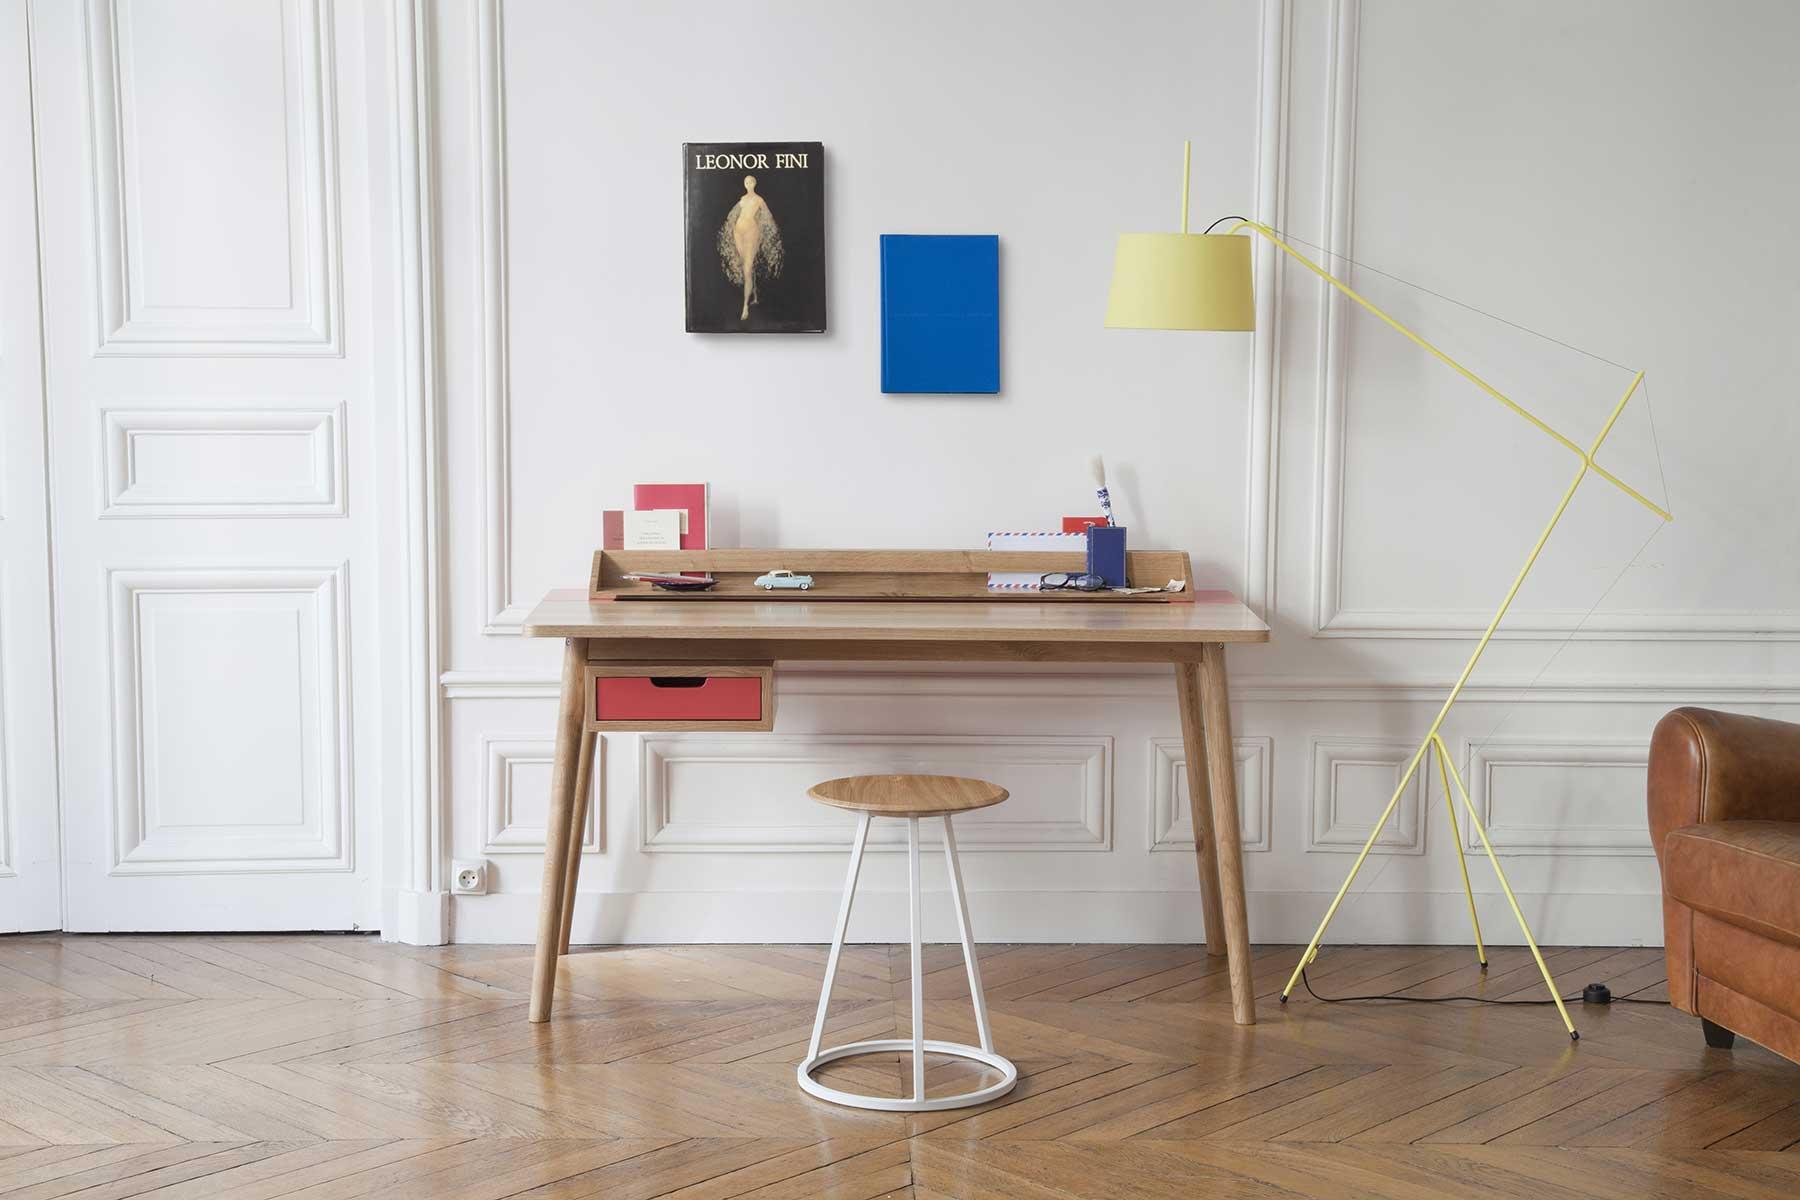 HARTÔ, mobilier astucieux et coloré pour intérieurs joyeux